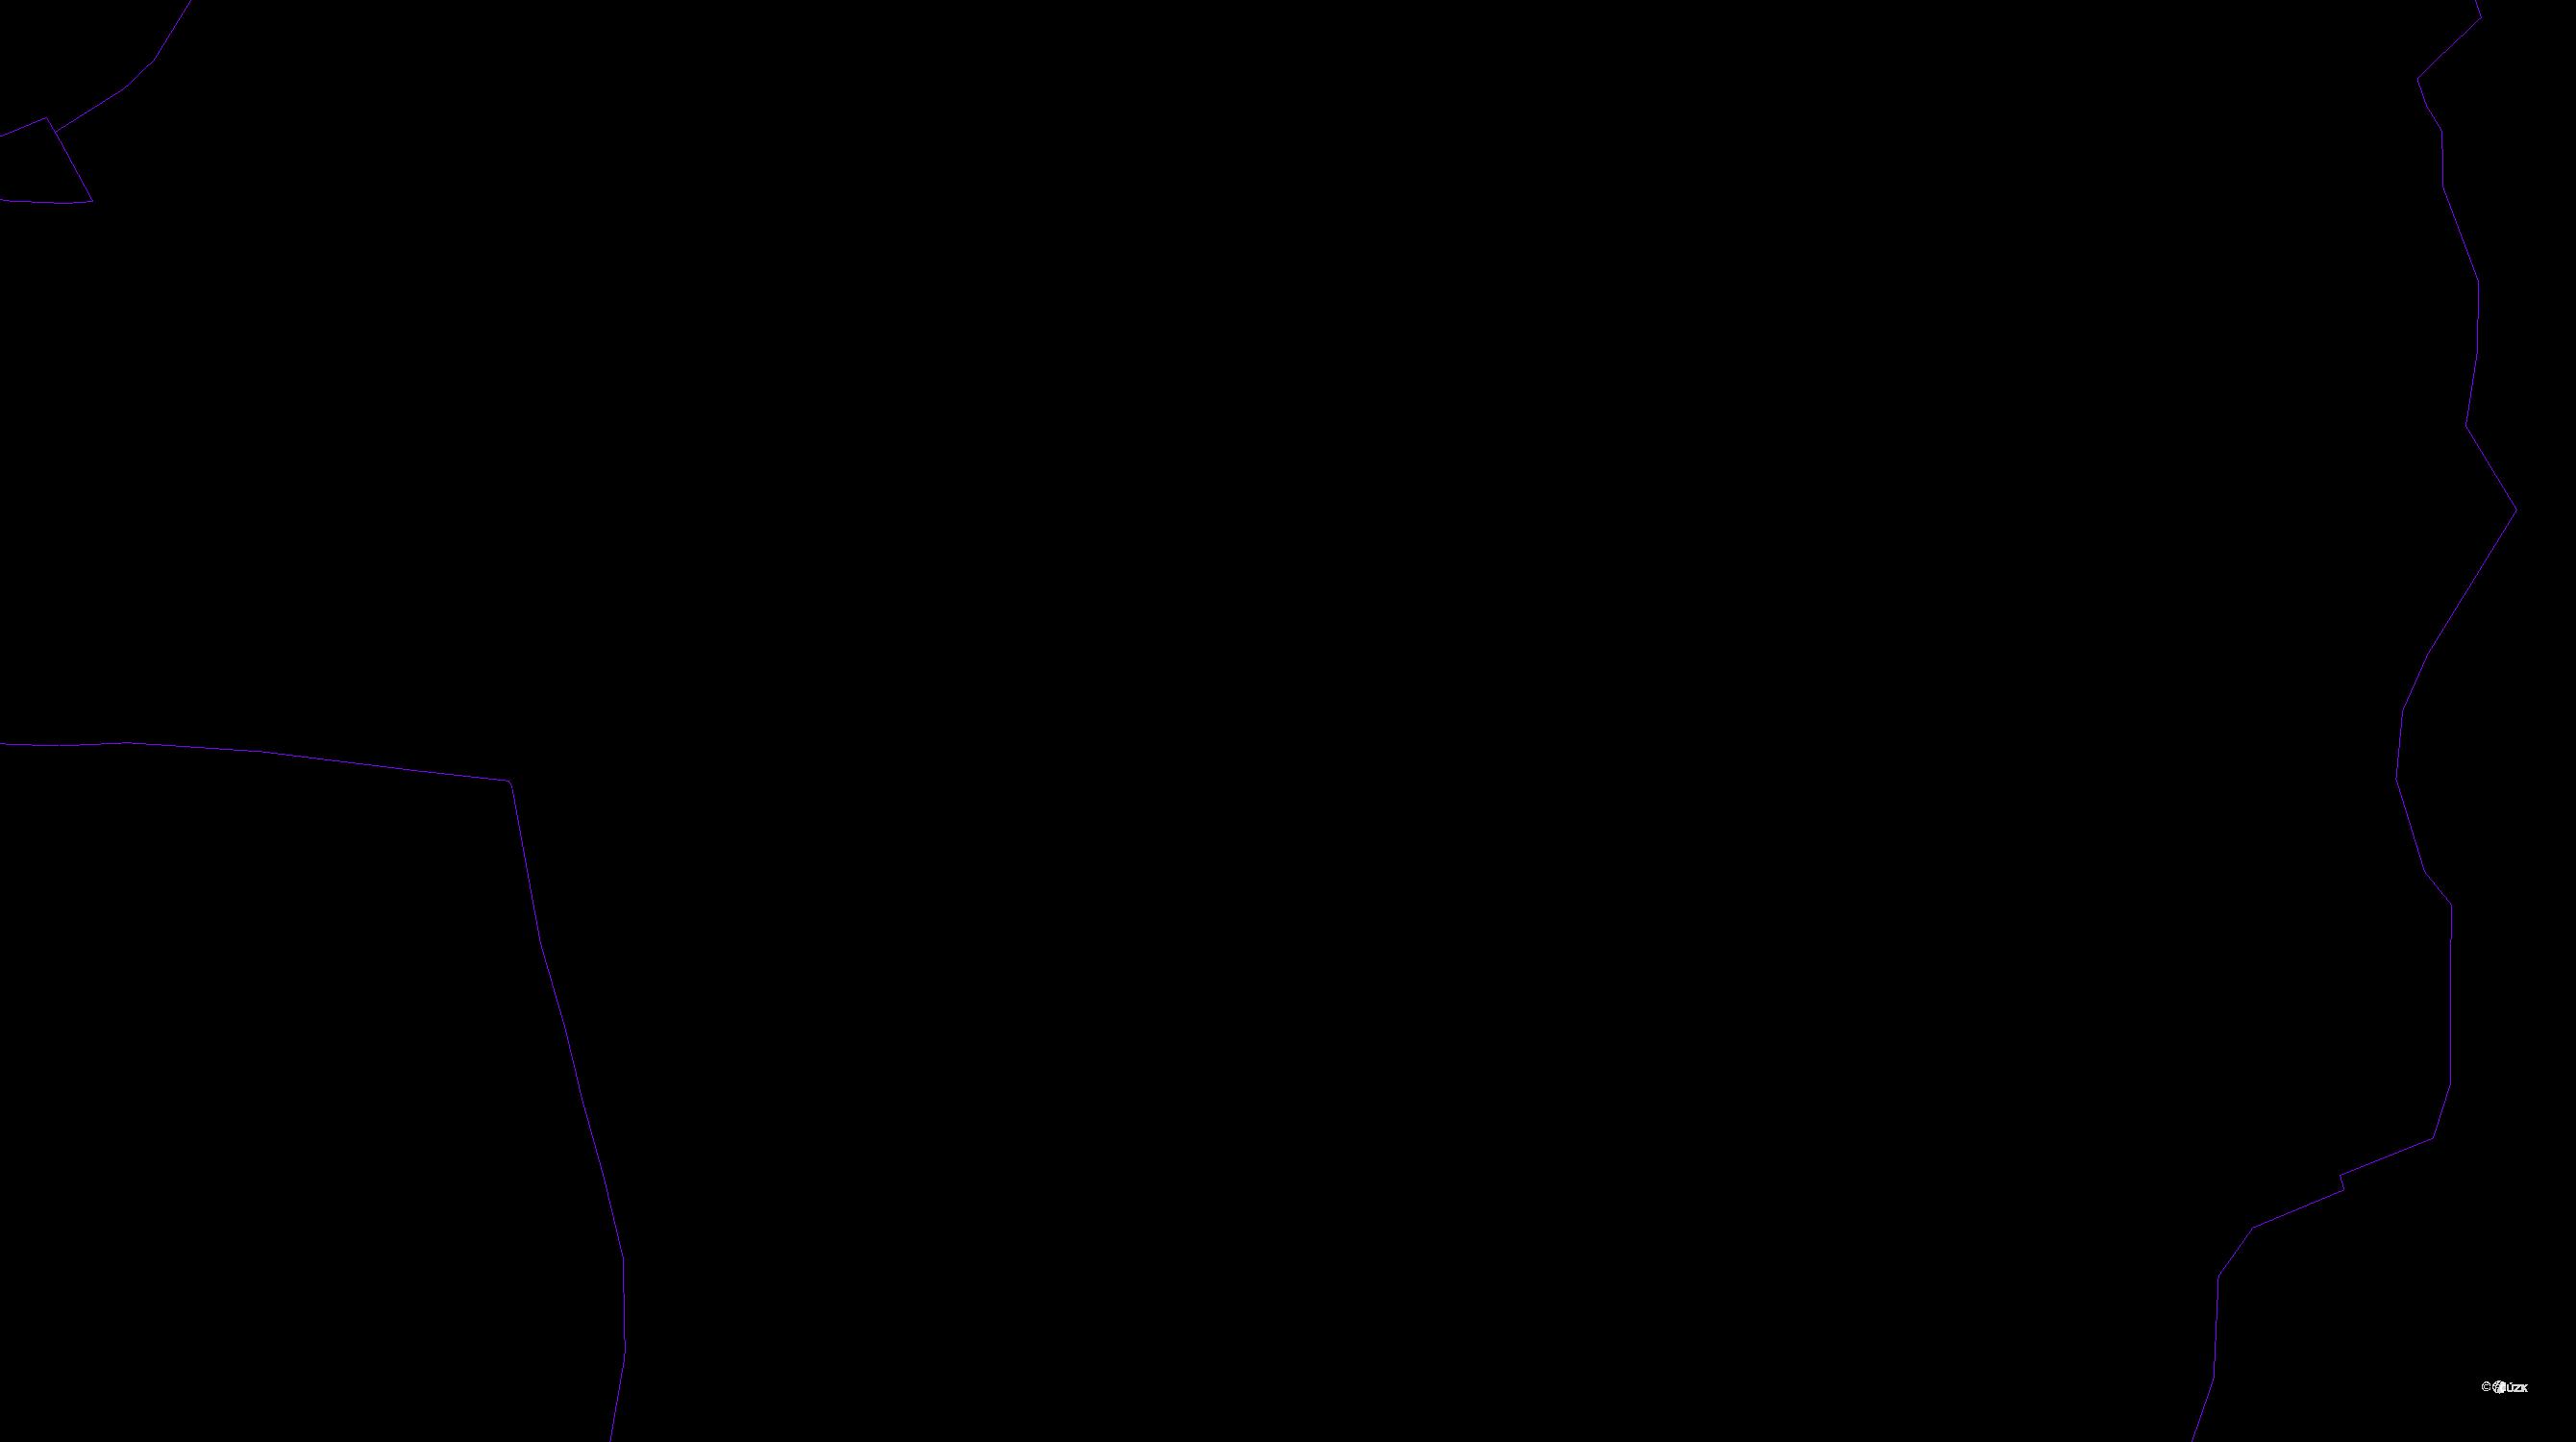 Katastrální mapa pozemků a čísla parcel Malý Šachov